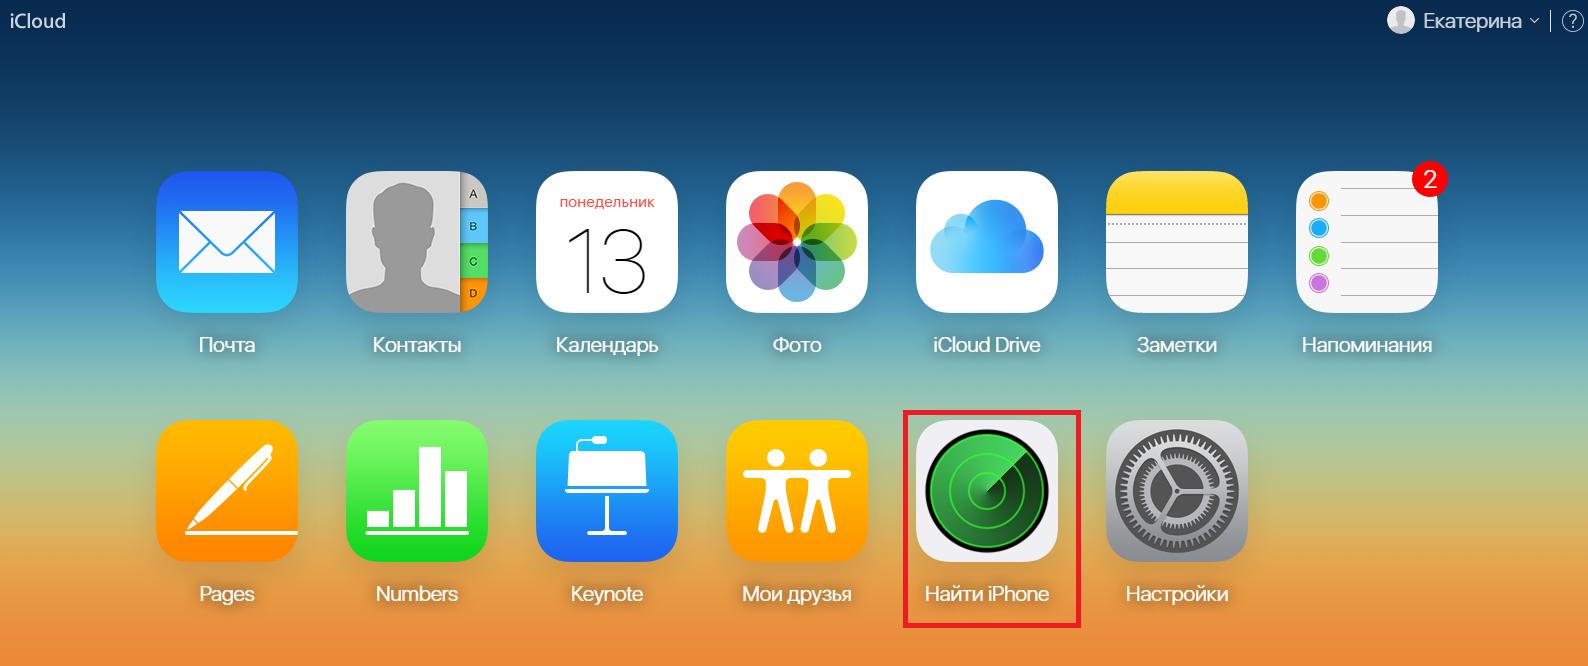 Как установить и пользоваться сервисом Айклауд на Айфоне